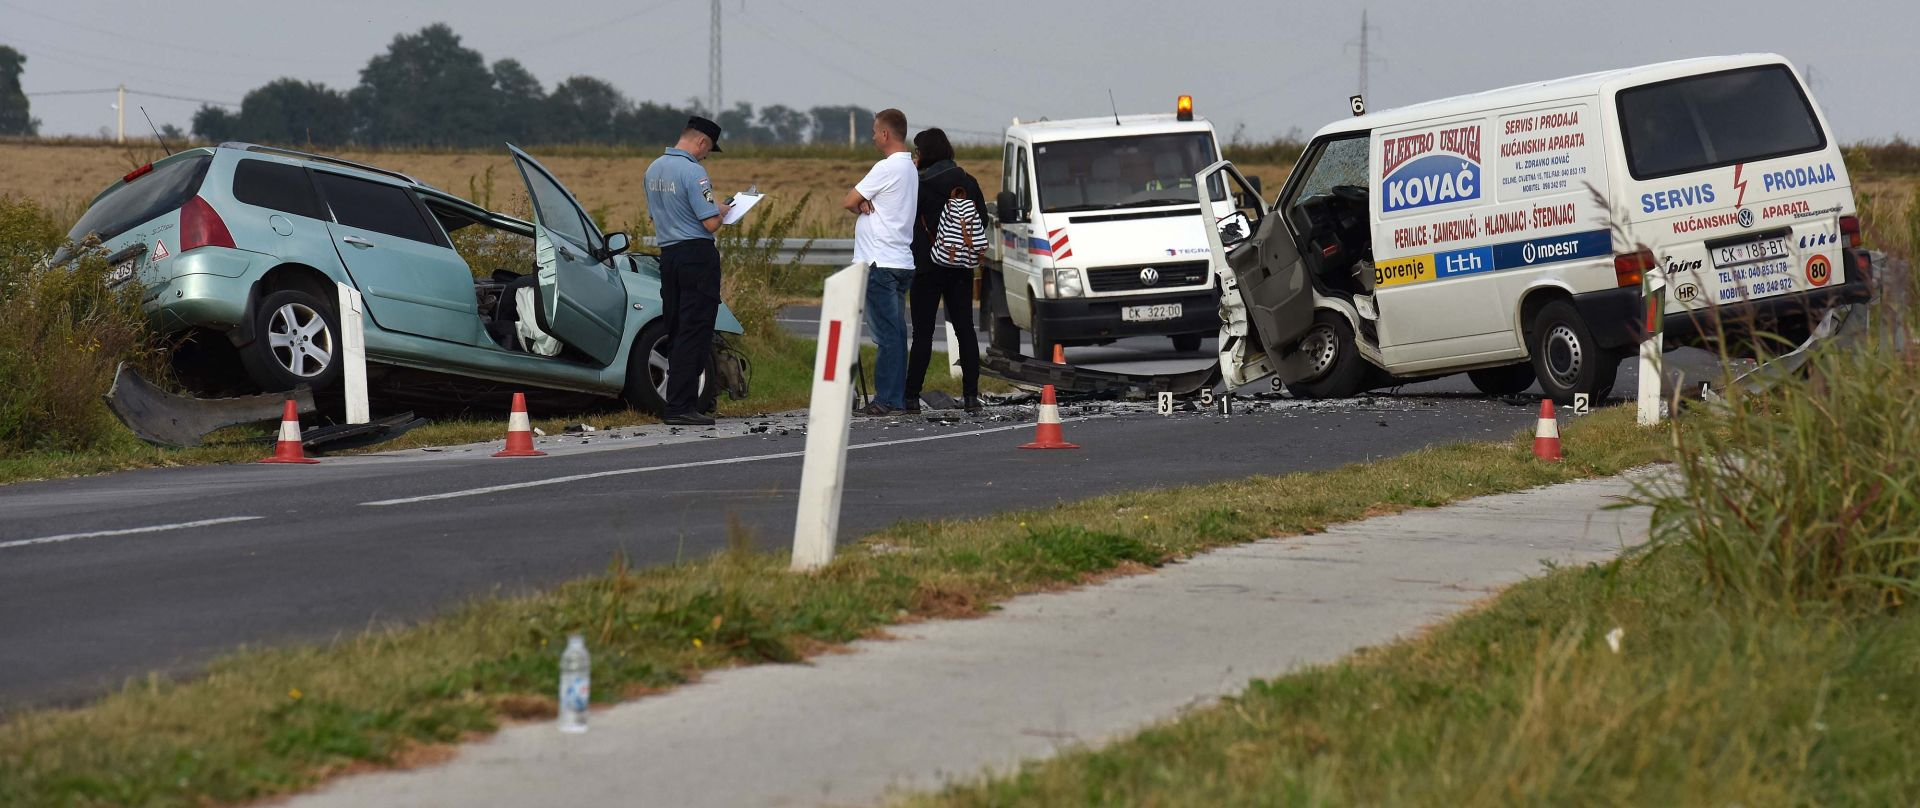 PROMETNA NESREĆA: U sudaru automobila i kombija poginula jedna osoba